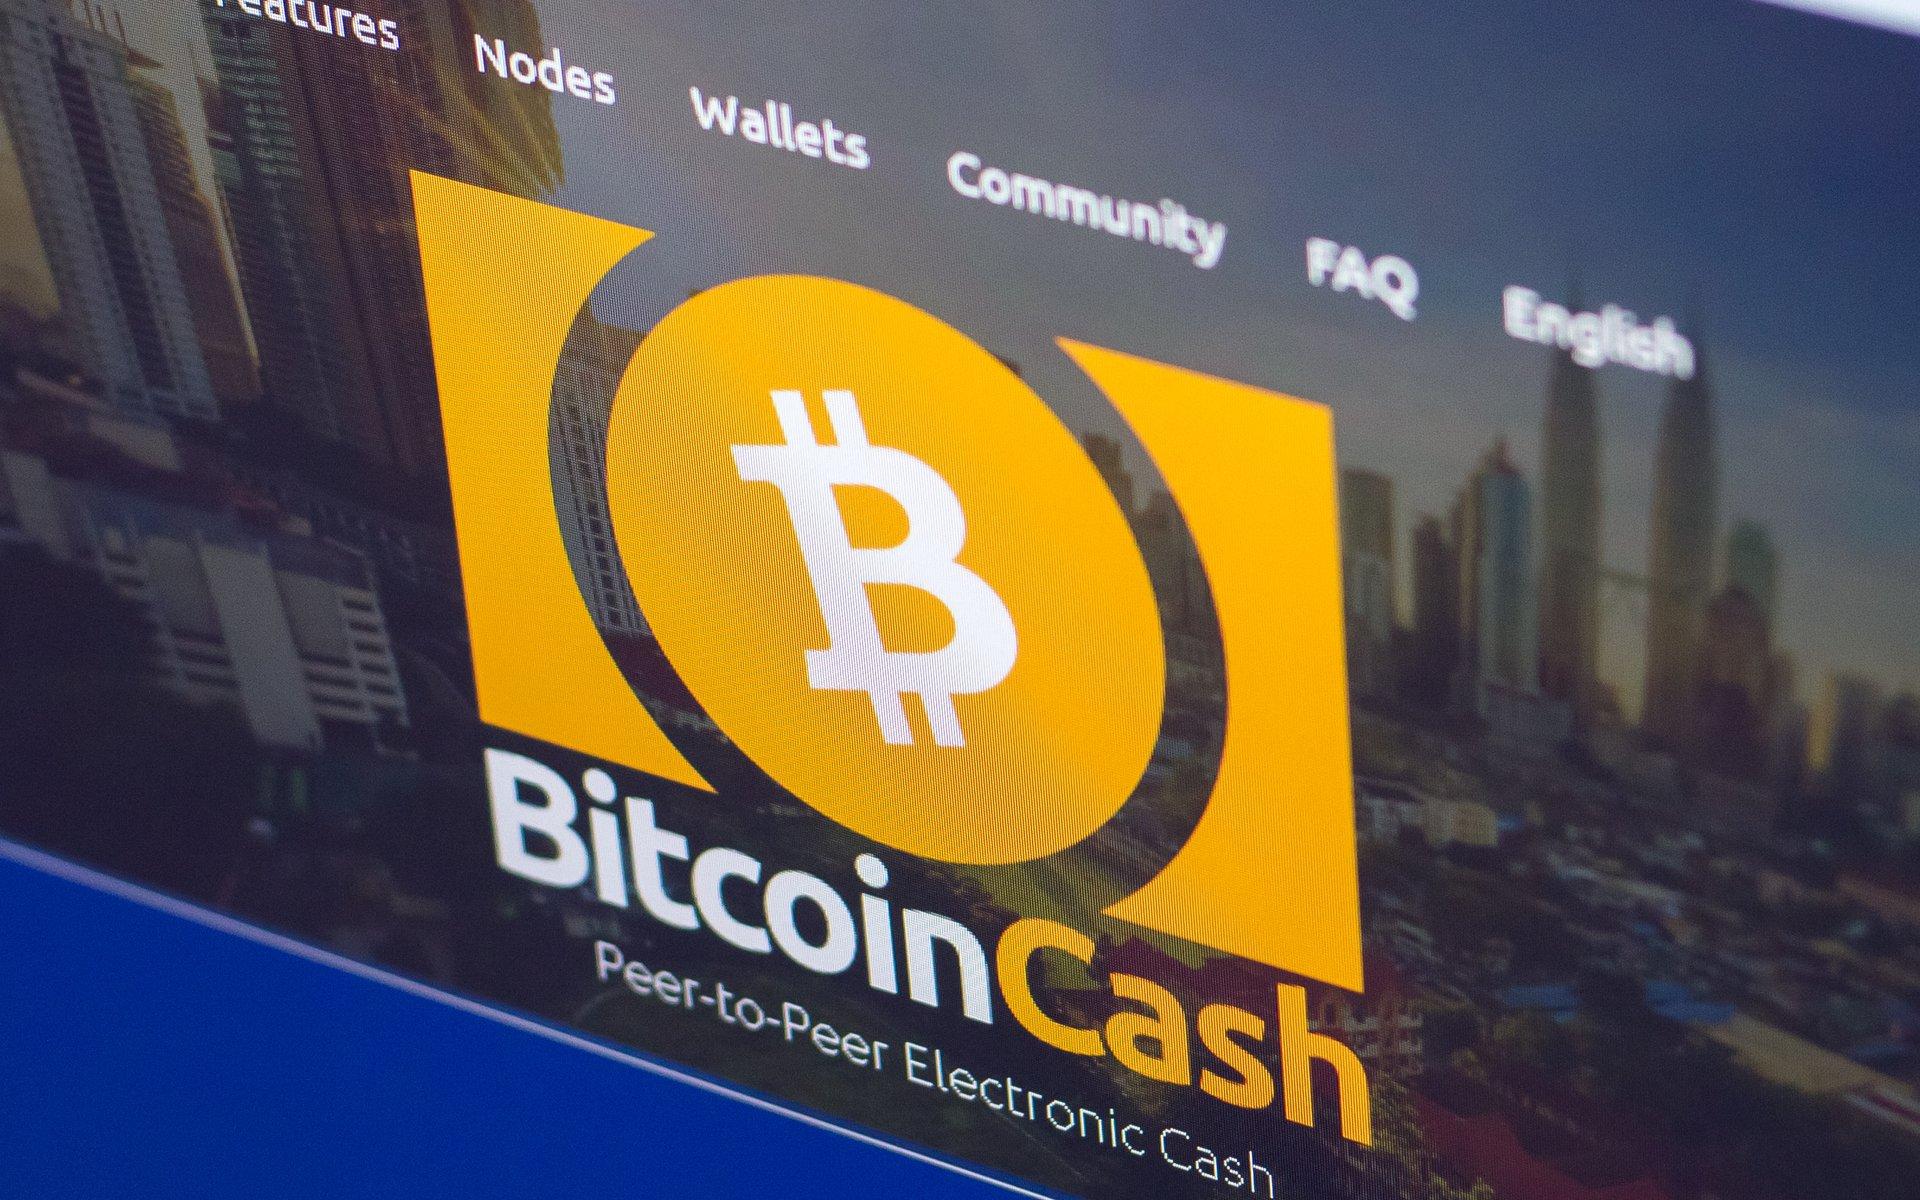 Gracias a programa de recompensas, más de 250 negocios en Venezuela y Colombia están en proceso de aceptar Bitcoin Cash como método de pago